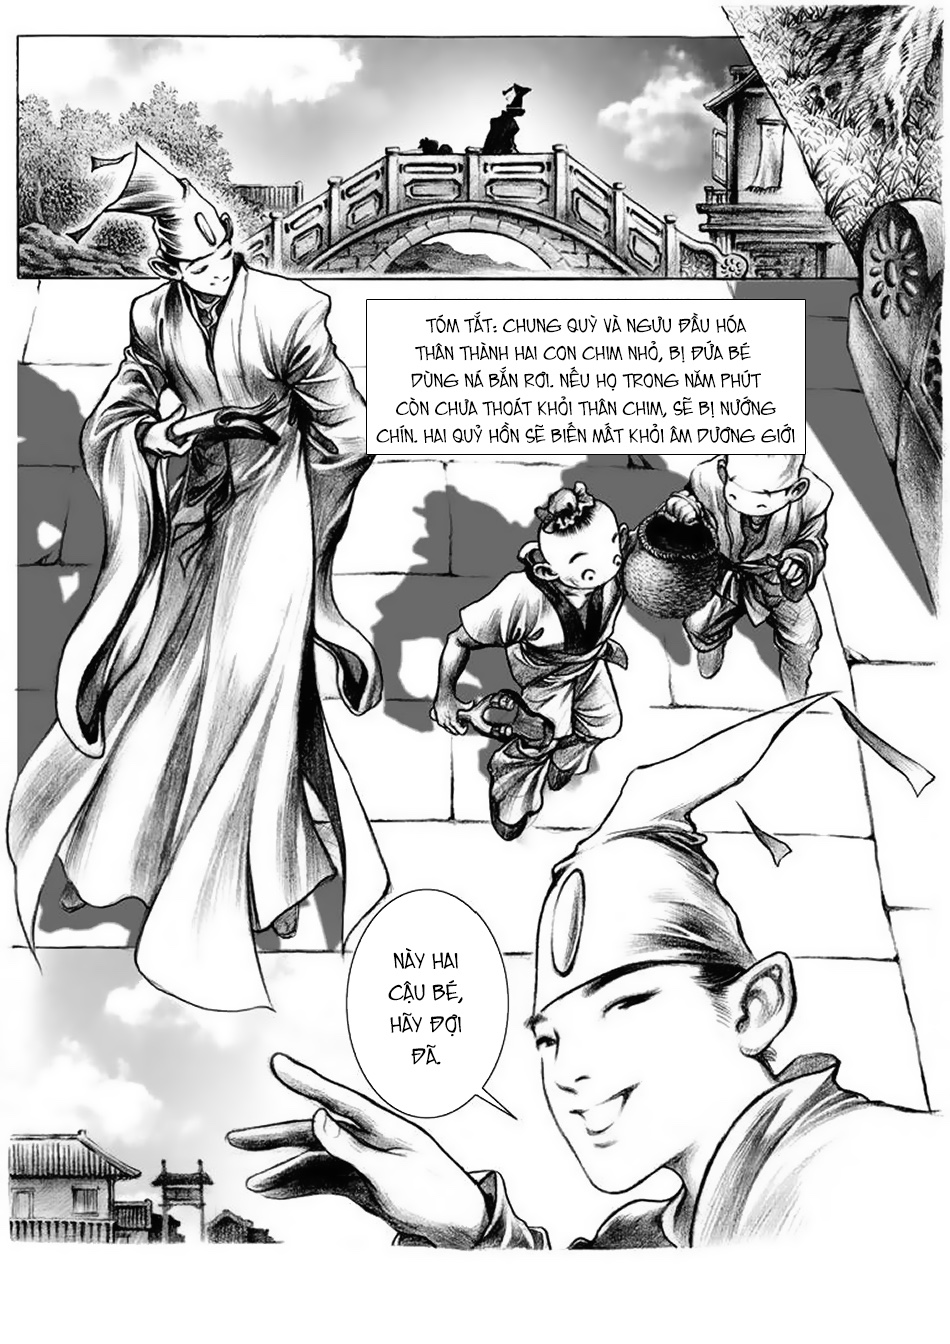 Chung Quỳ Truyền Kỳ Chap 8 - Next Chap 9